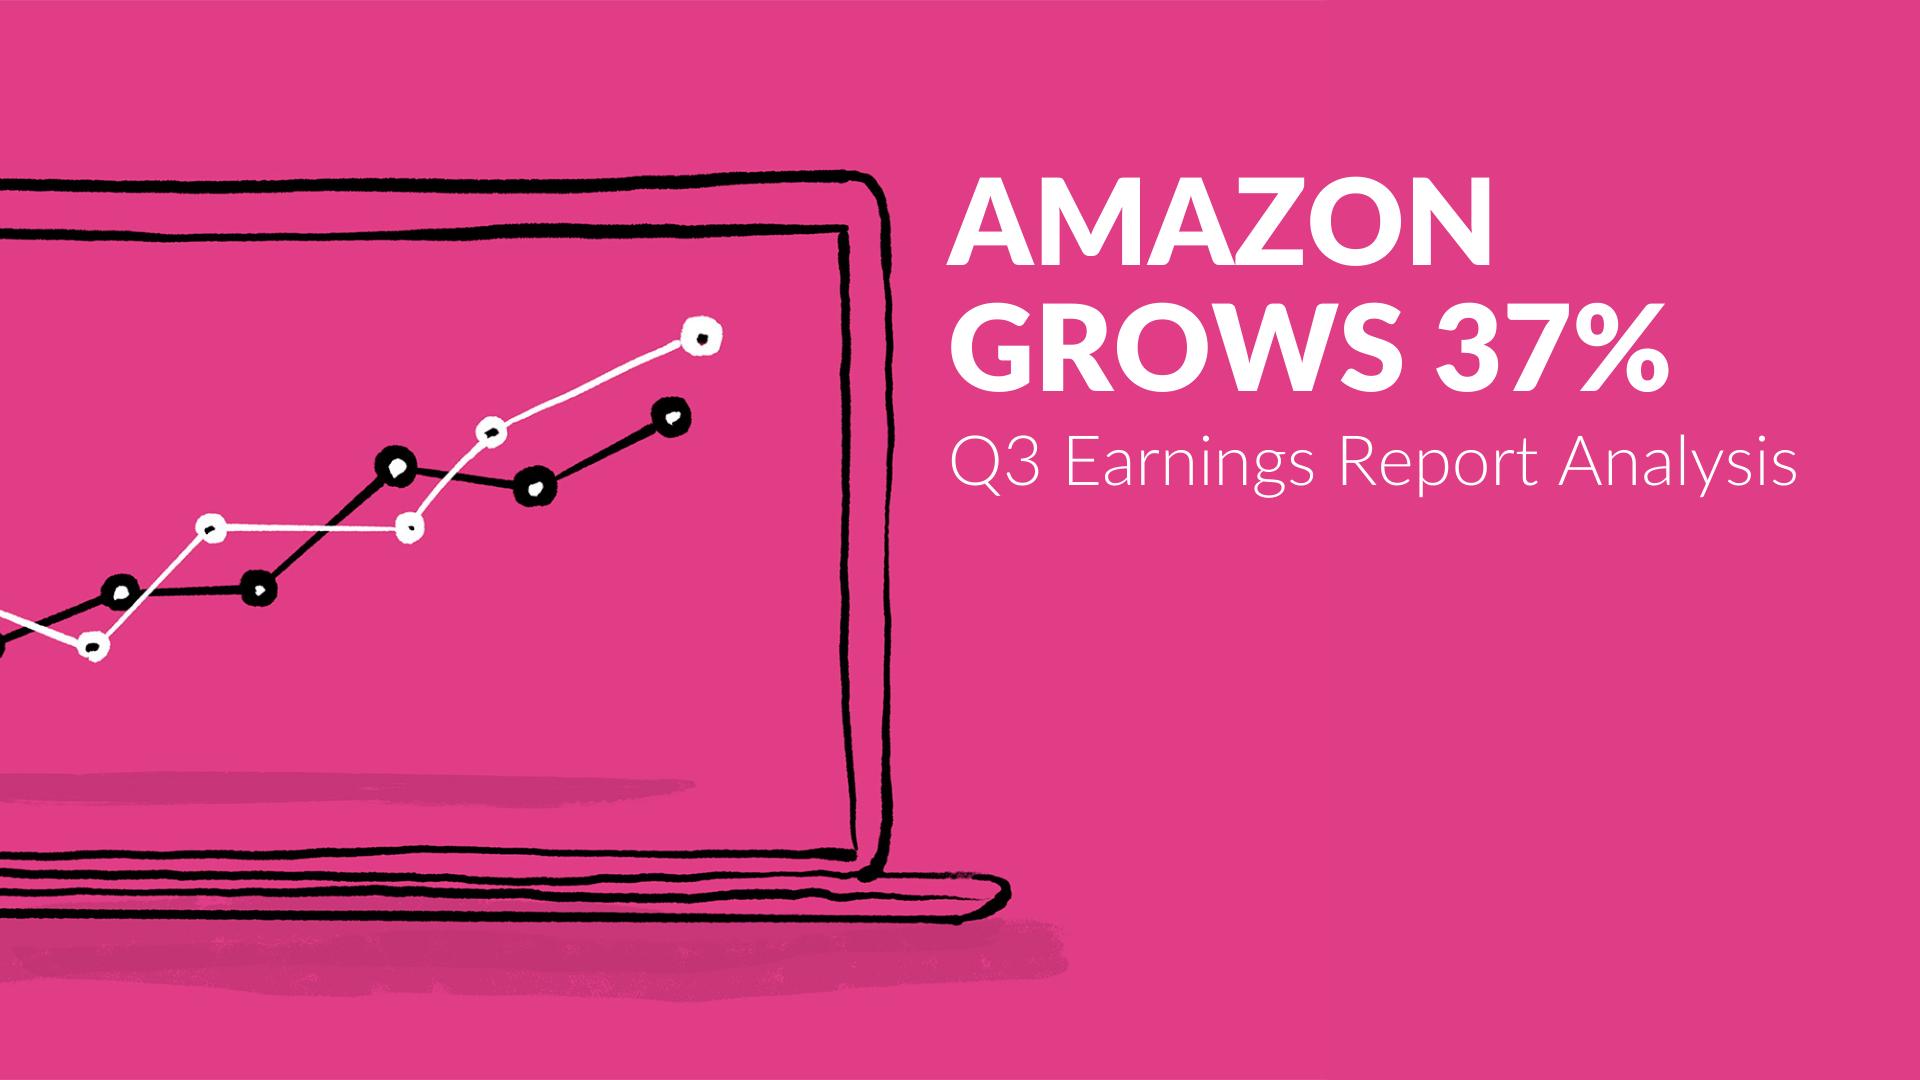 Amazon Q3 2020 Earnings Report